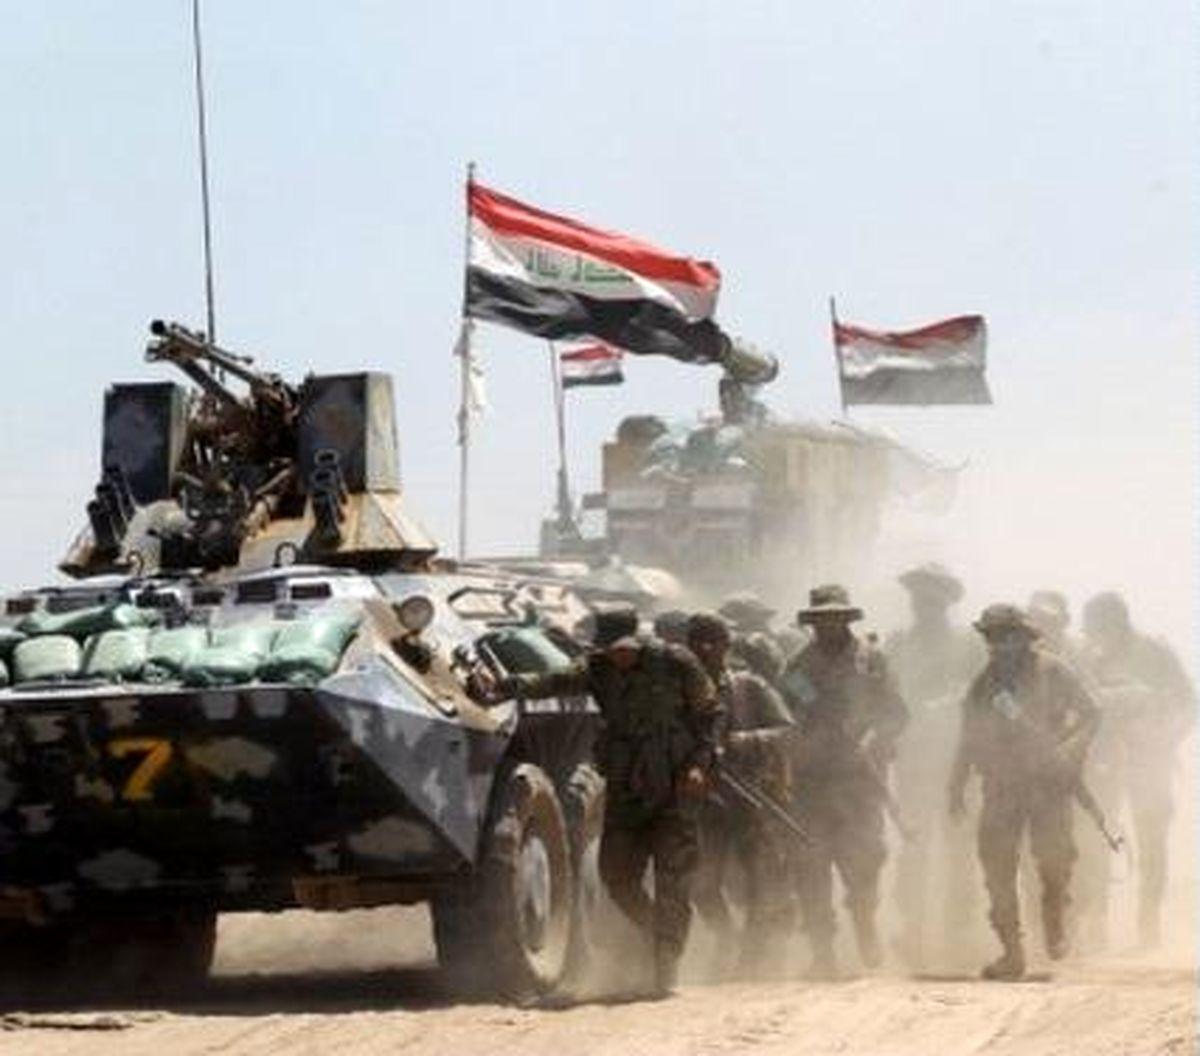 نیروهای عراقی به ۵ کیلومتری موصل رسیدند/ کشته شدن ۴۷۳ تروریست در موصل طی پنج روز